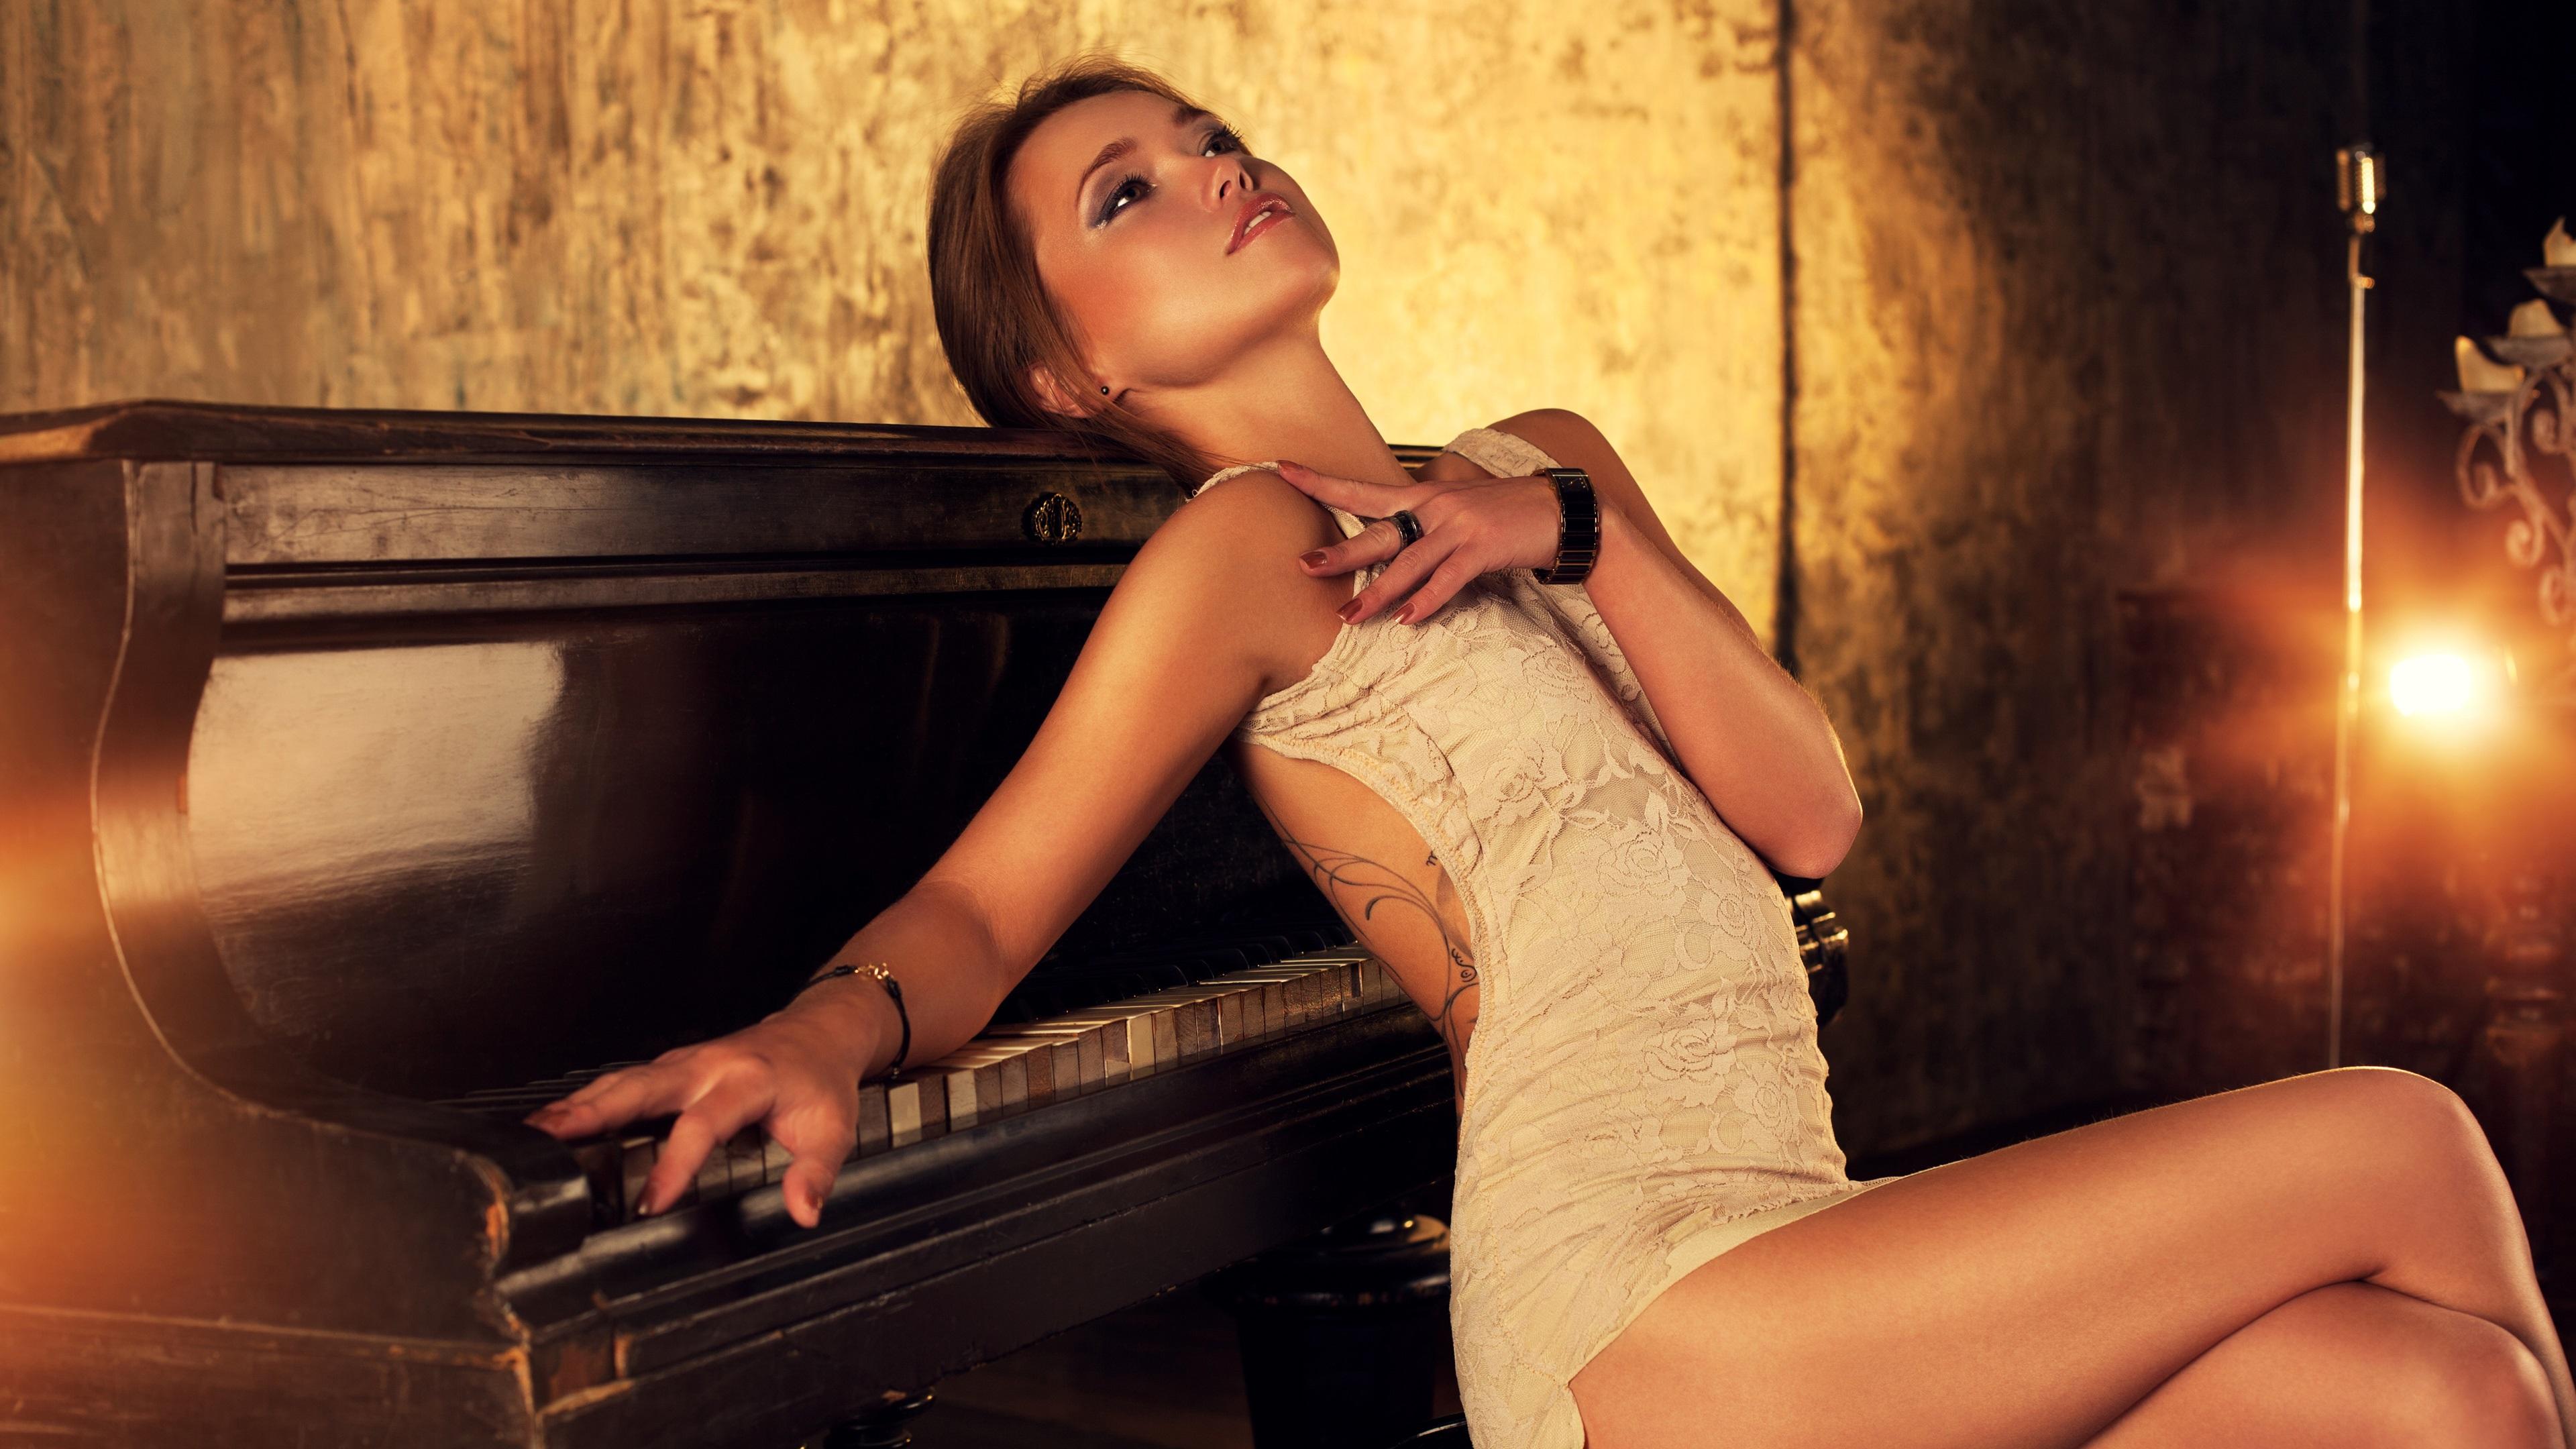 soblaznil-krasotku-zabavoy-na-pianino